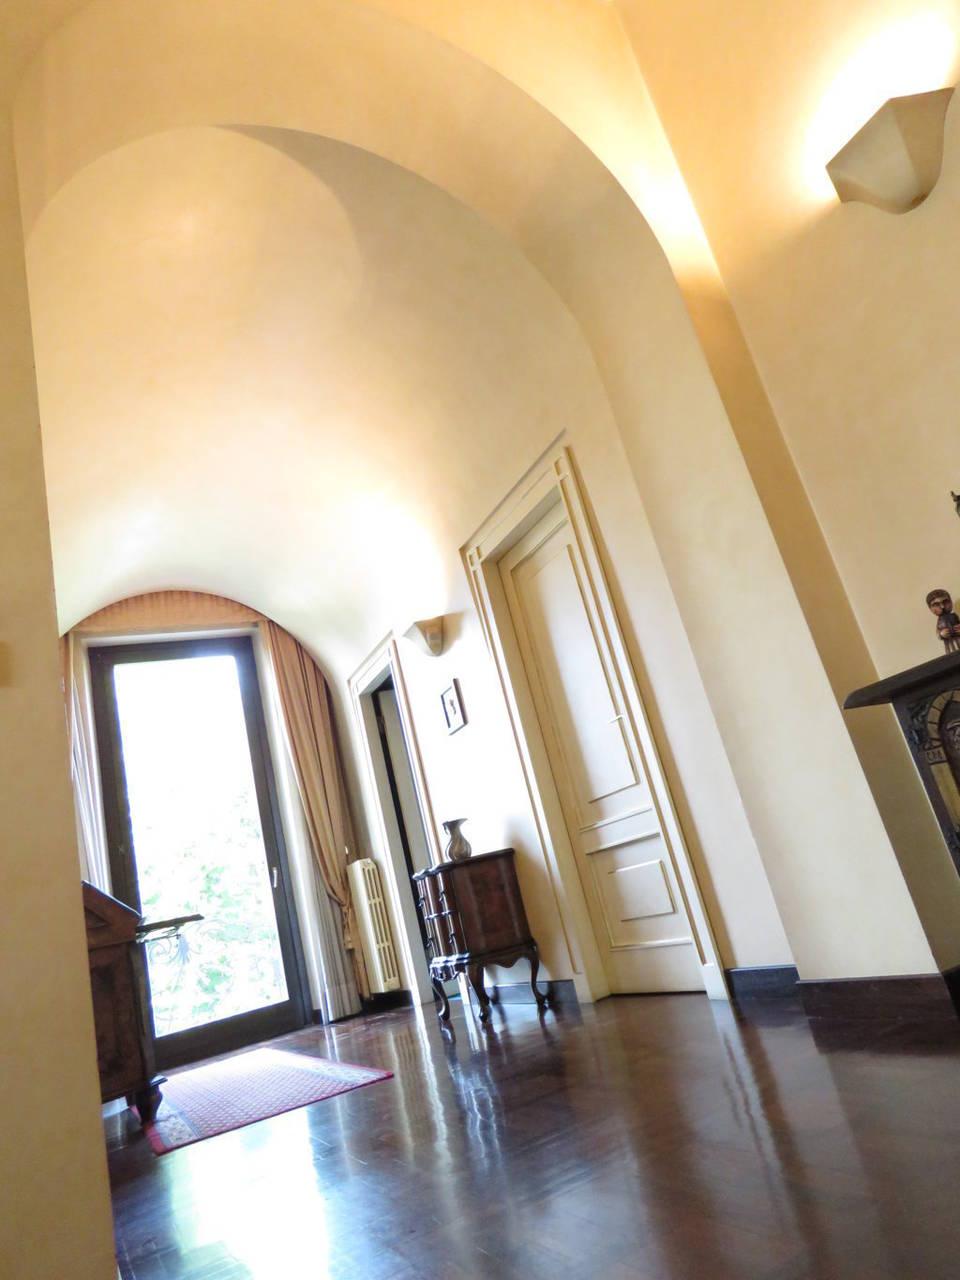 Villa-Epoca-di-pregio-in-vendita-a-Monza-33